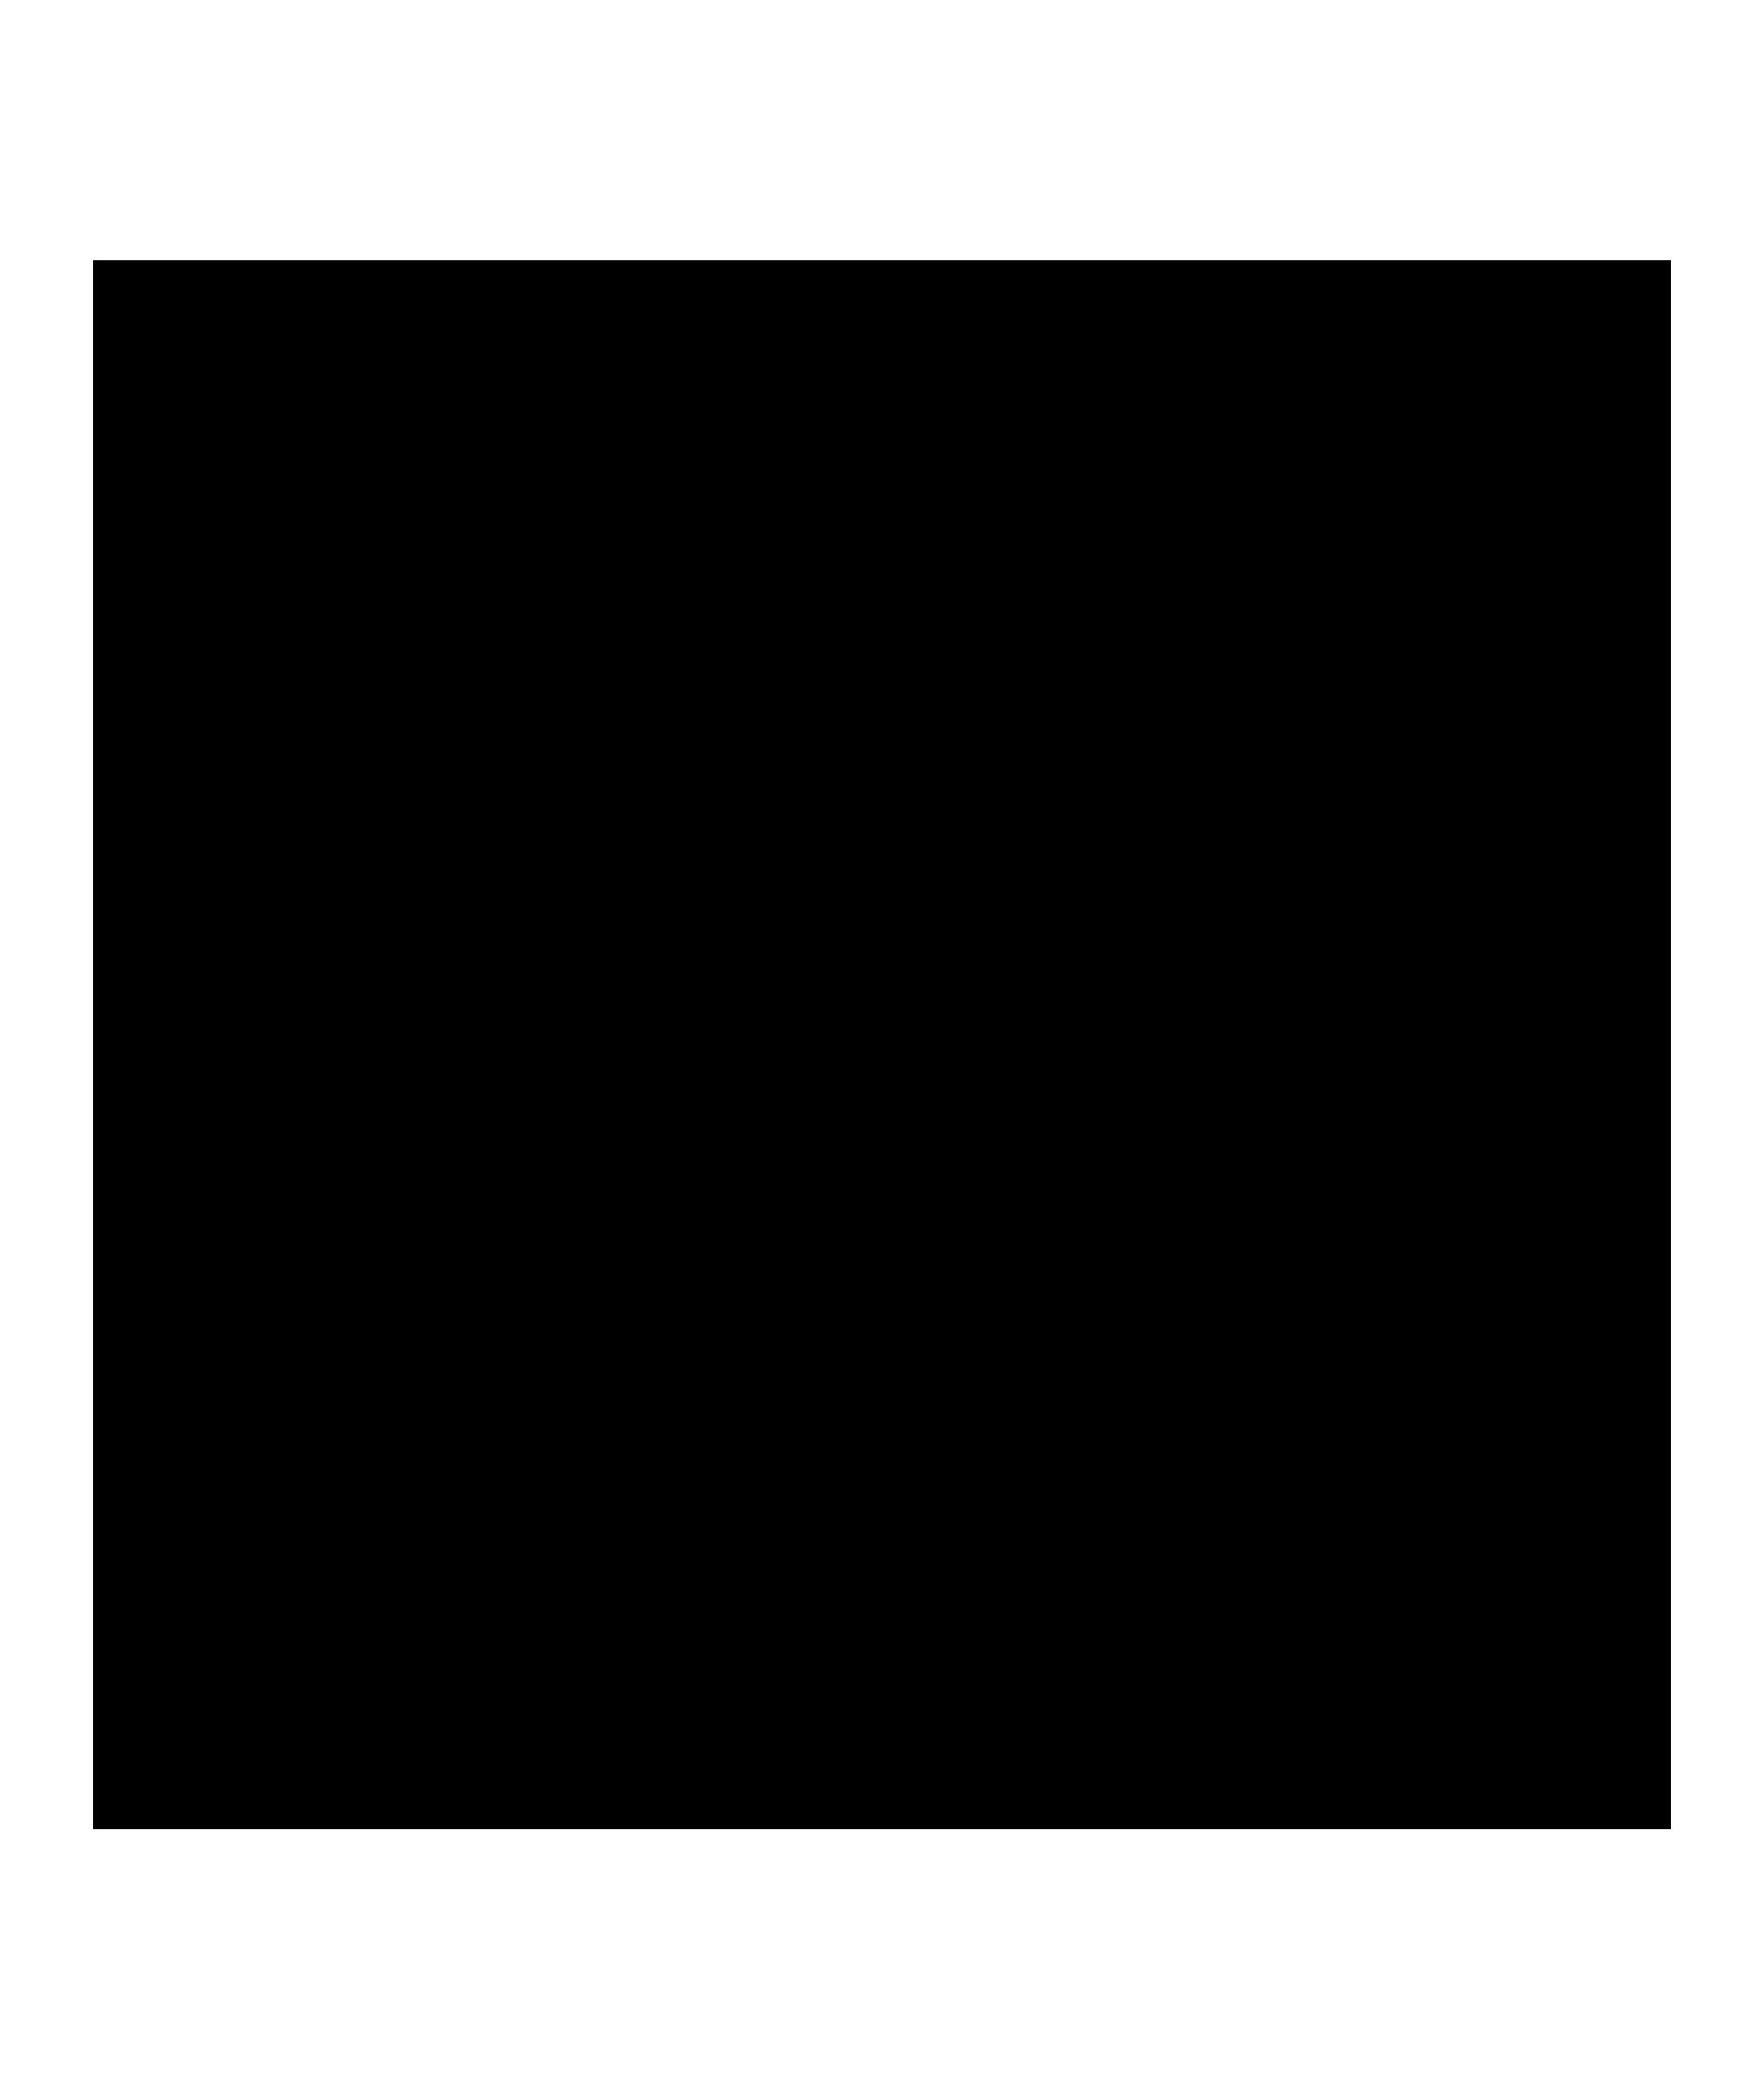 Black-torq-emblem.png